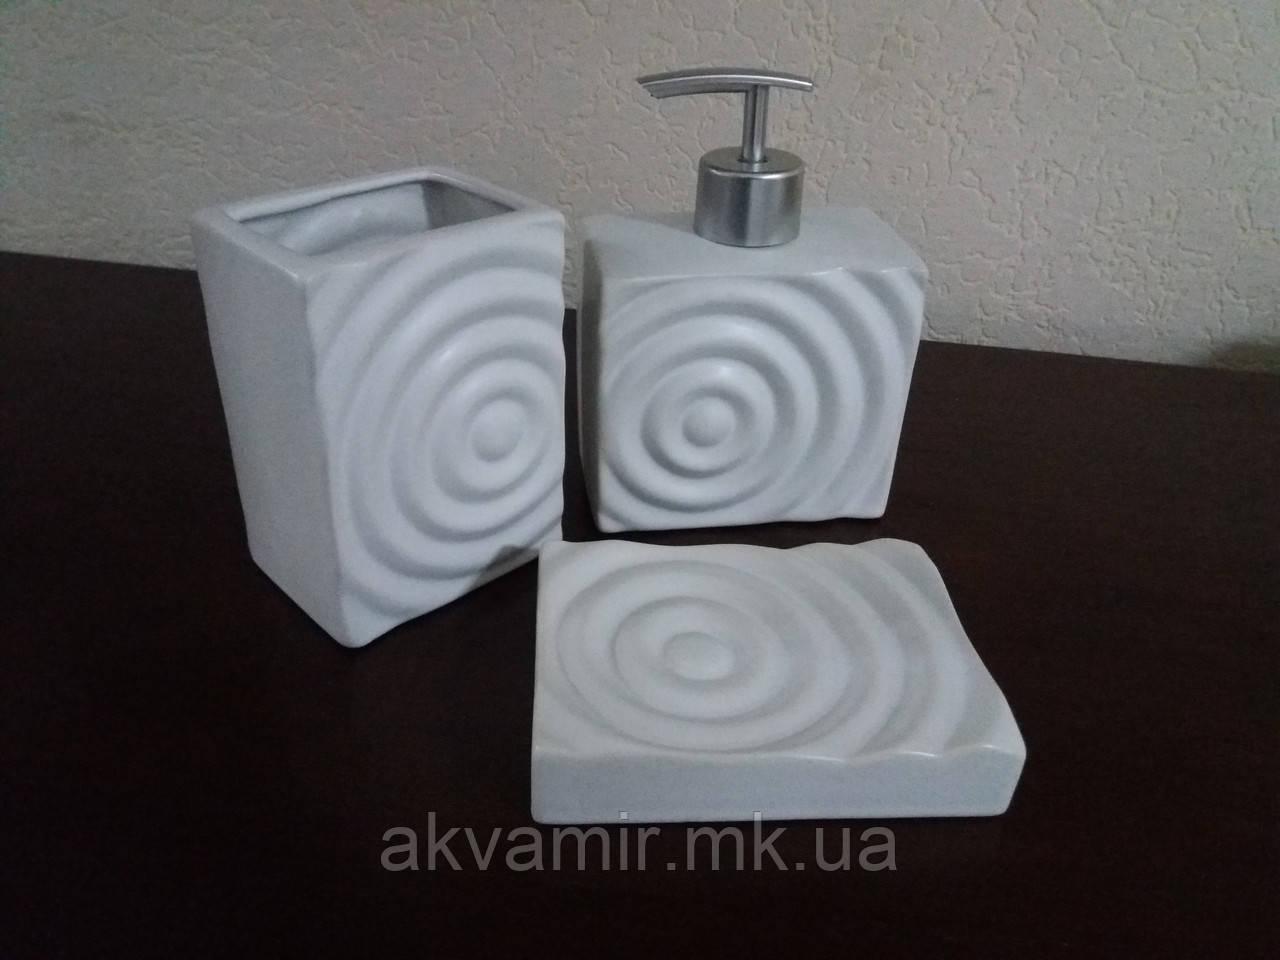 Набор аксессуаров для ванной комнаты Круги (цвет - белый), 3 предмета